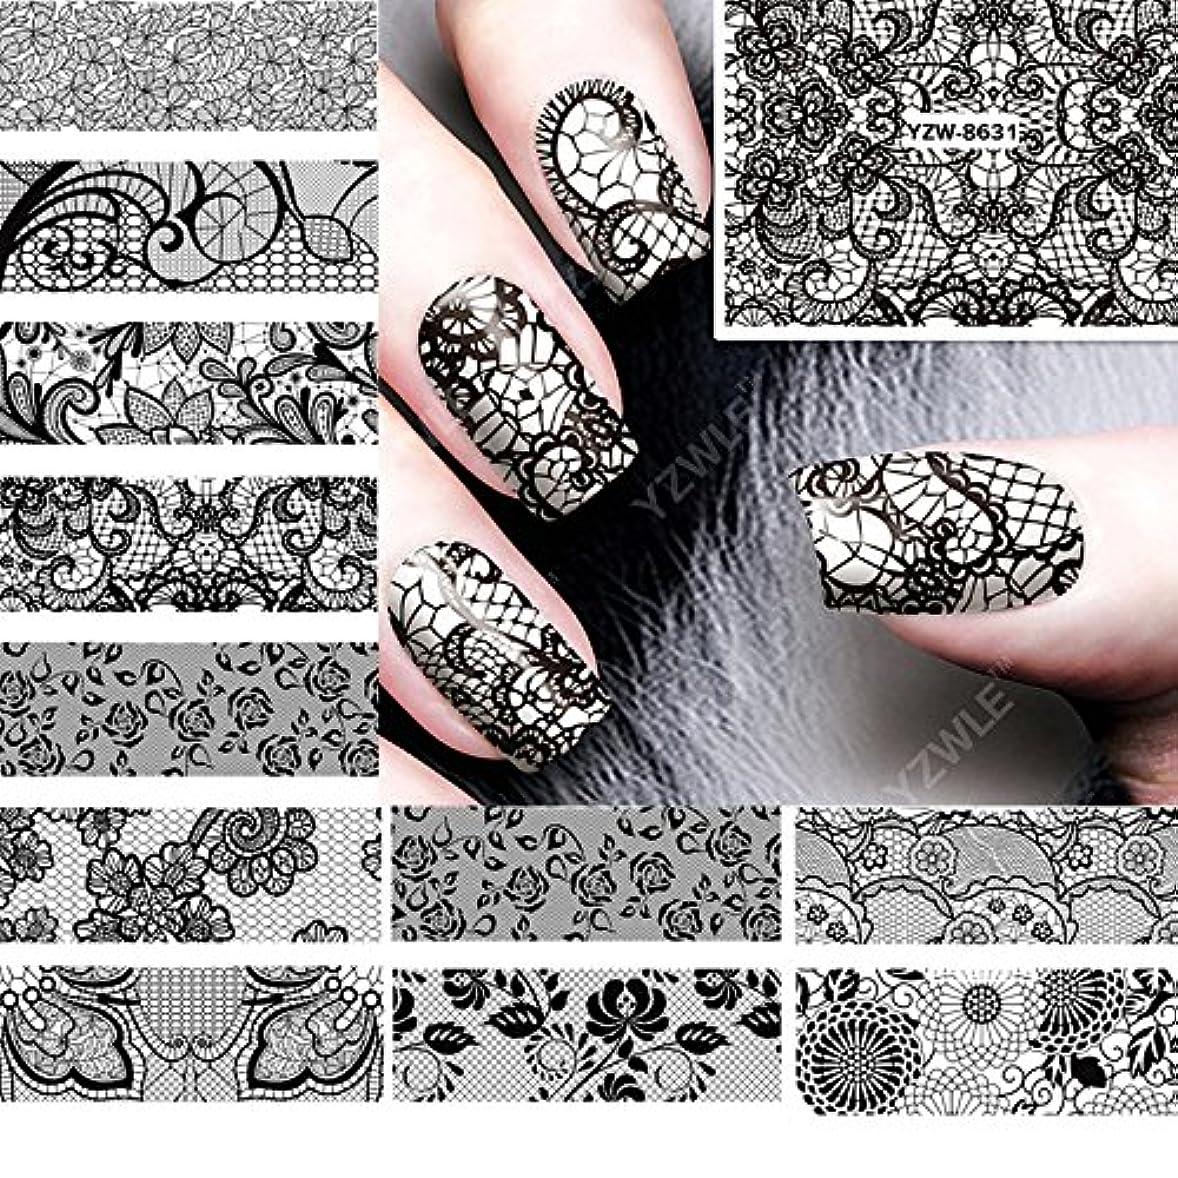 財政アクセサリー文明Ithern(TM)12PCS /ロット美しさ黒のレースの設計水の転送ネイルアートステッカーデカール爪の装飾のためのマニキュアツールに62536をアクセサリー